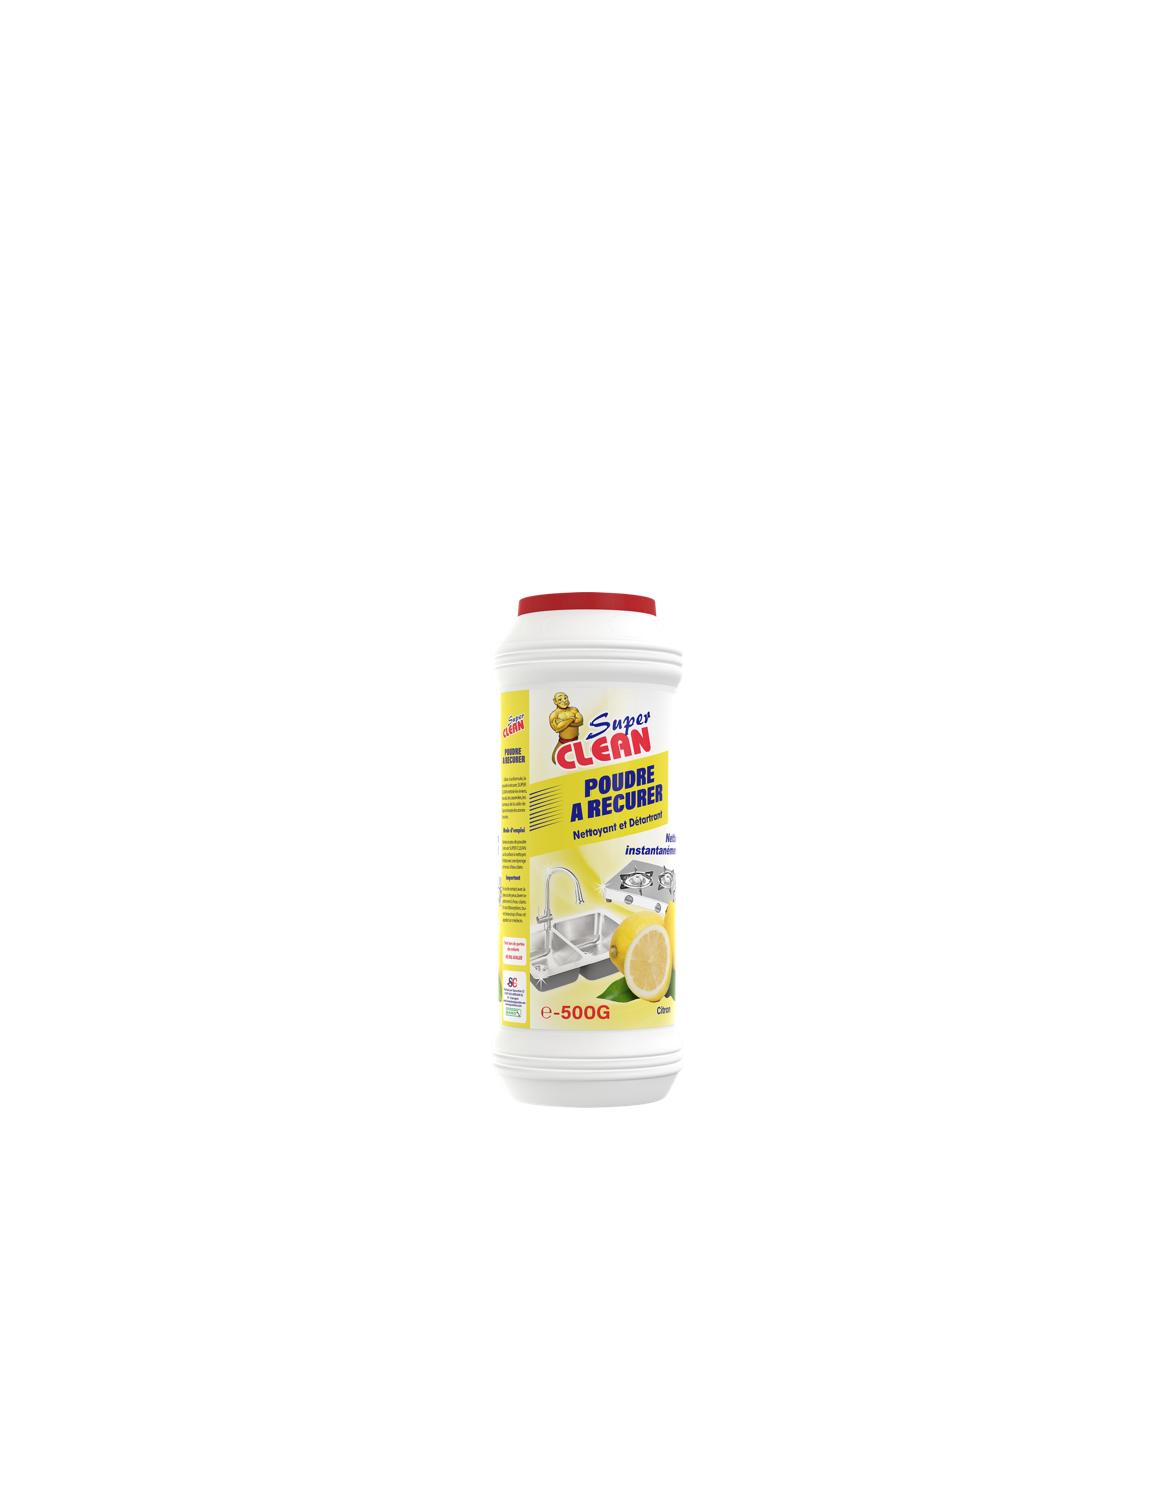 Poudre à Récurer Super Clean 500g_Siprochim